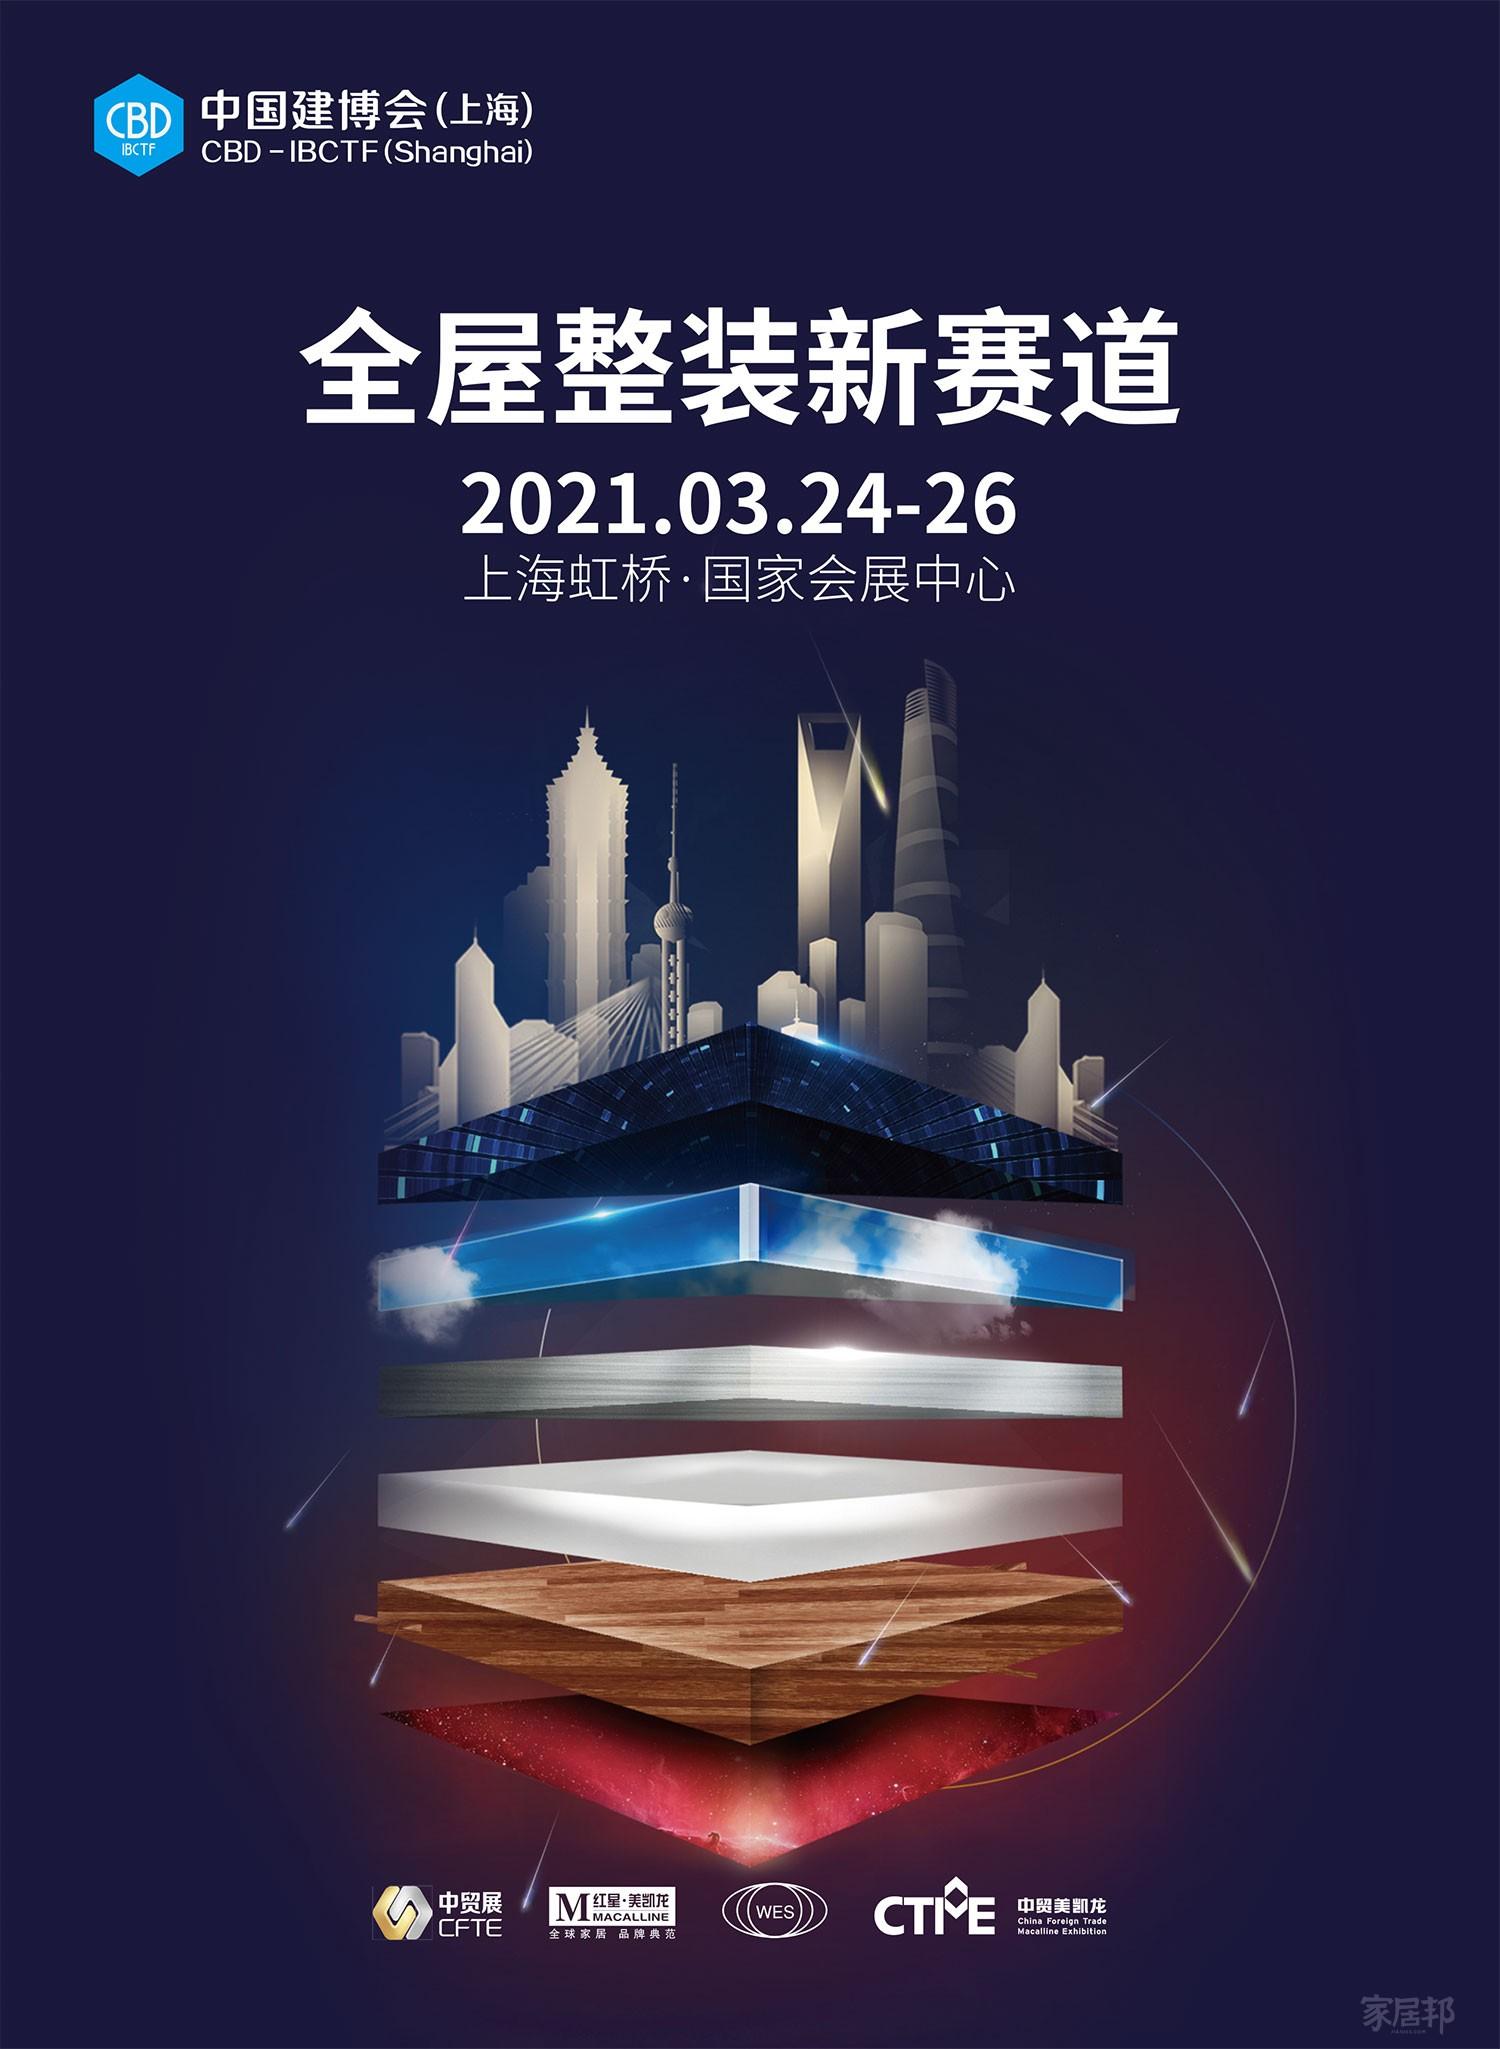 2021中国建博会(上海)招展函-1_02